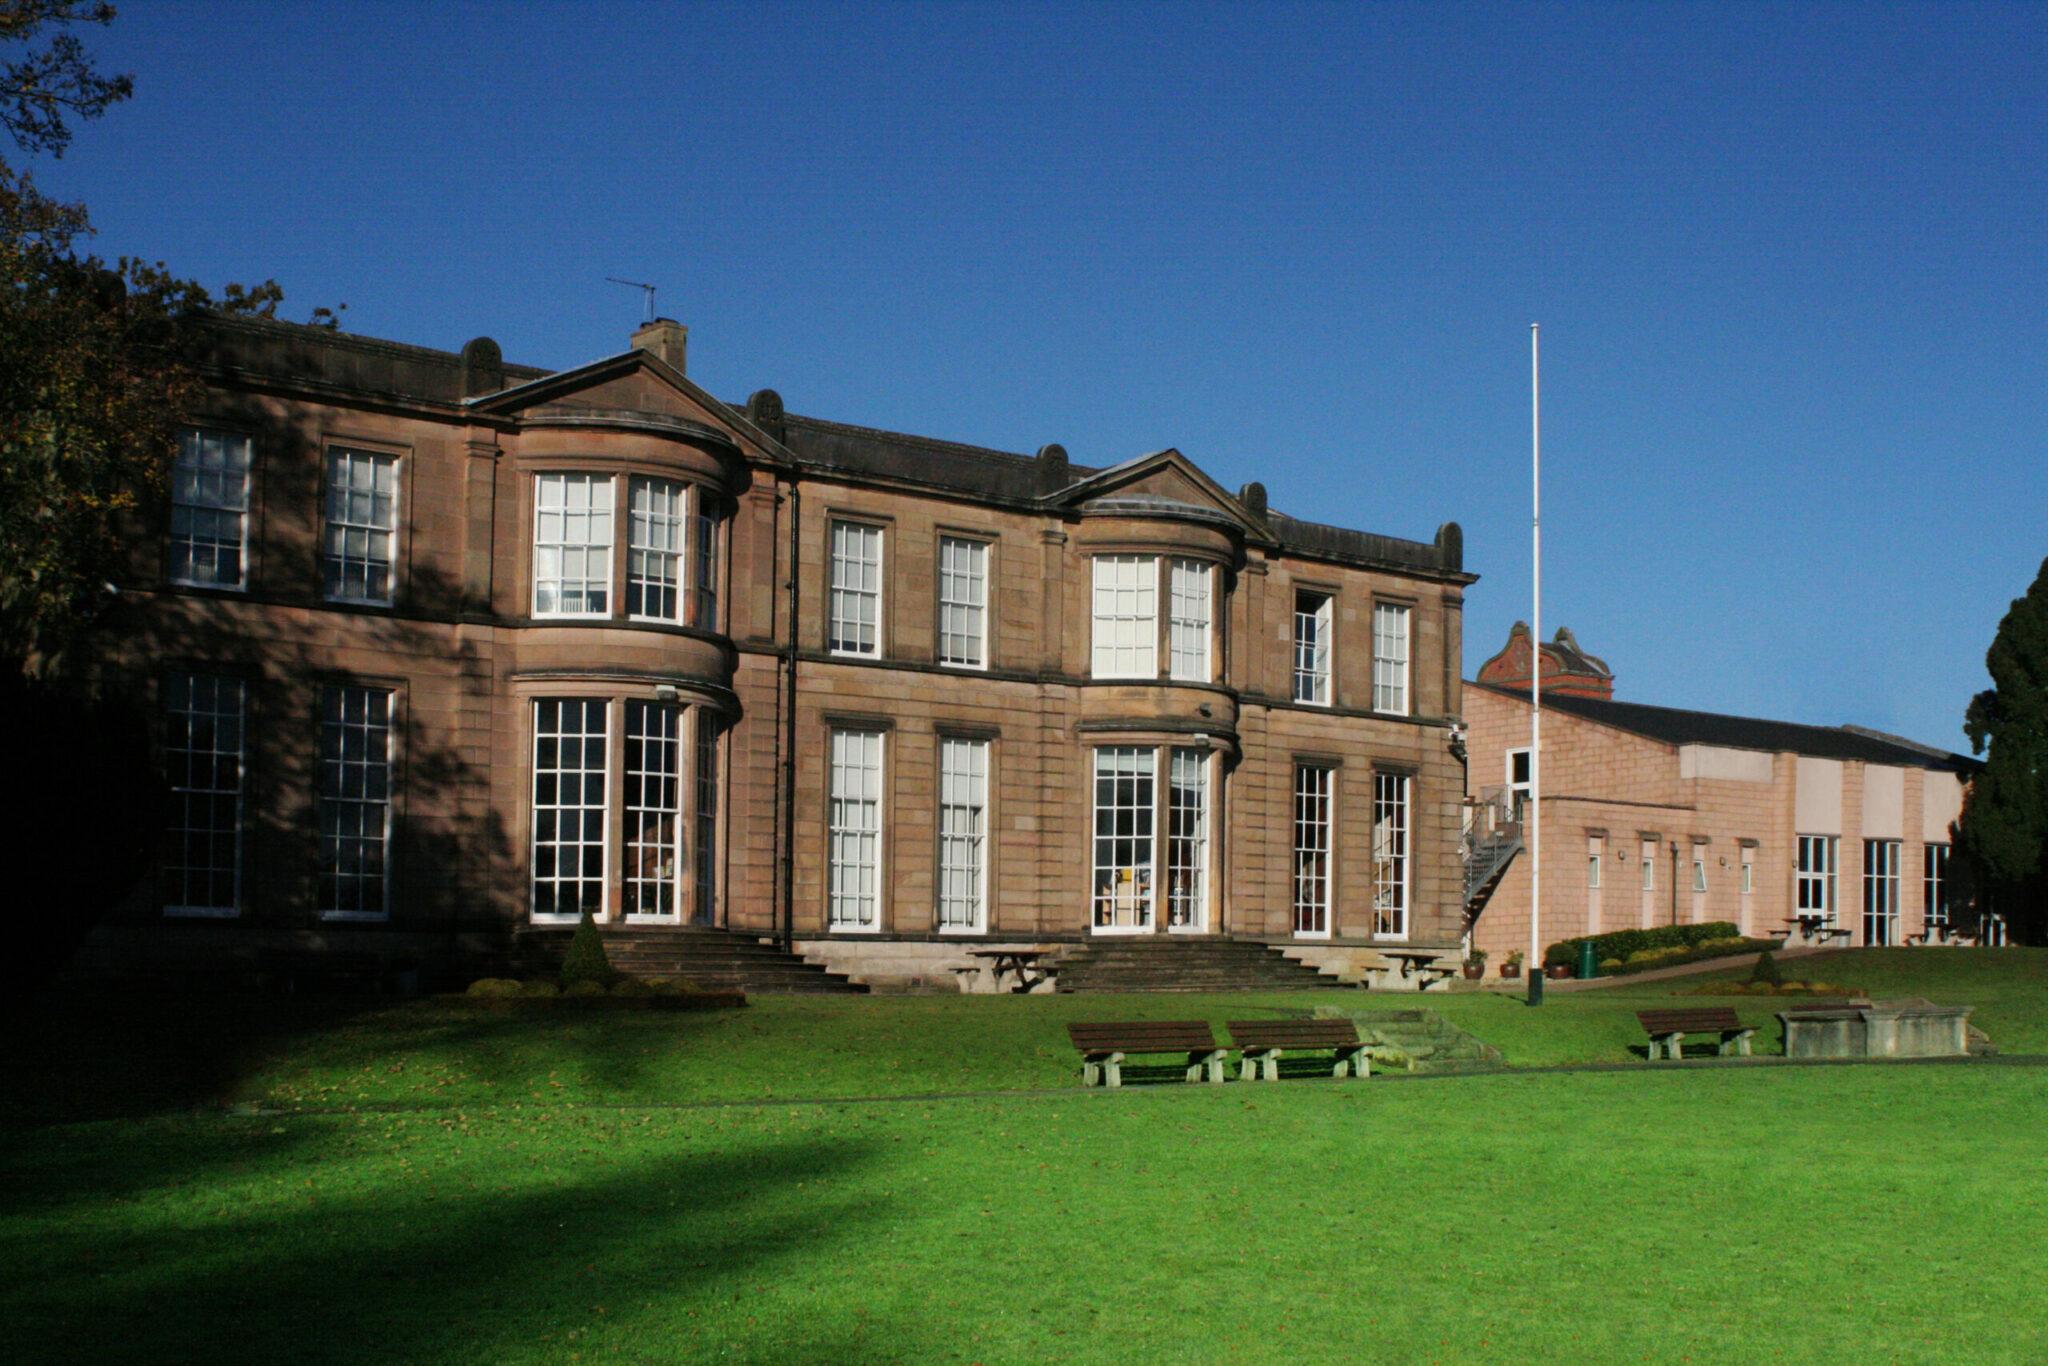 Derby Grammar School Exterior